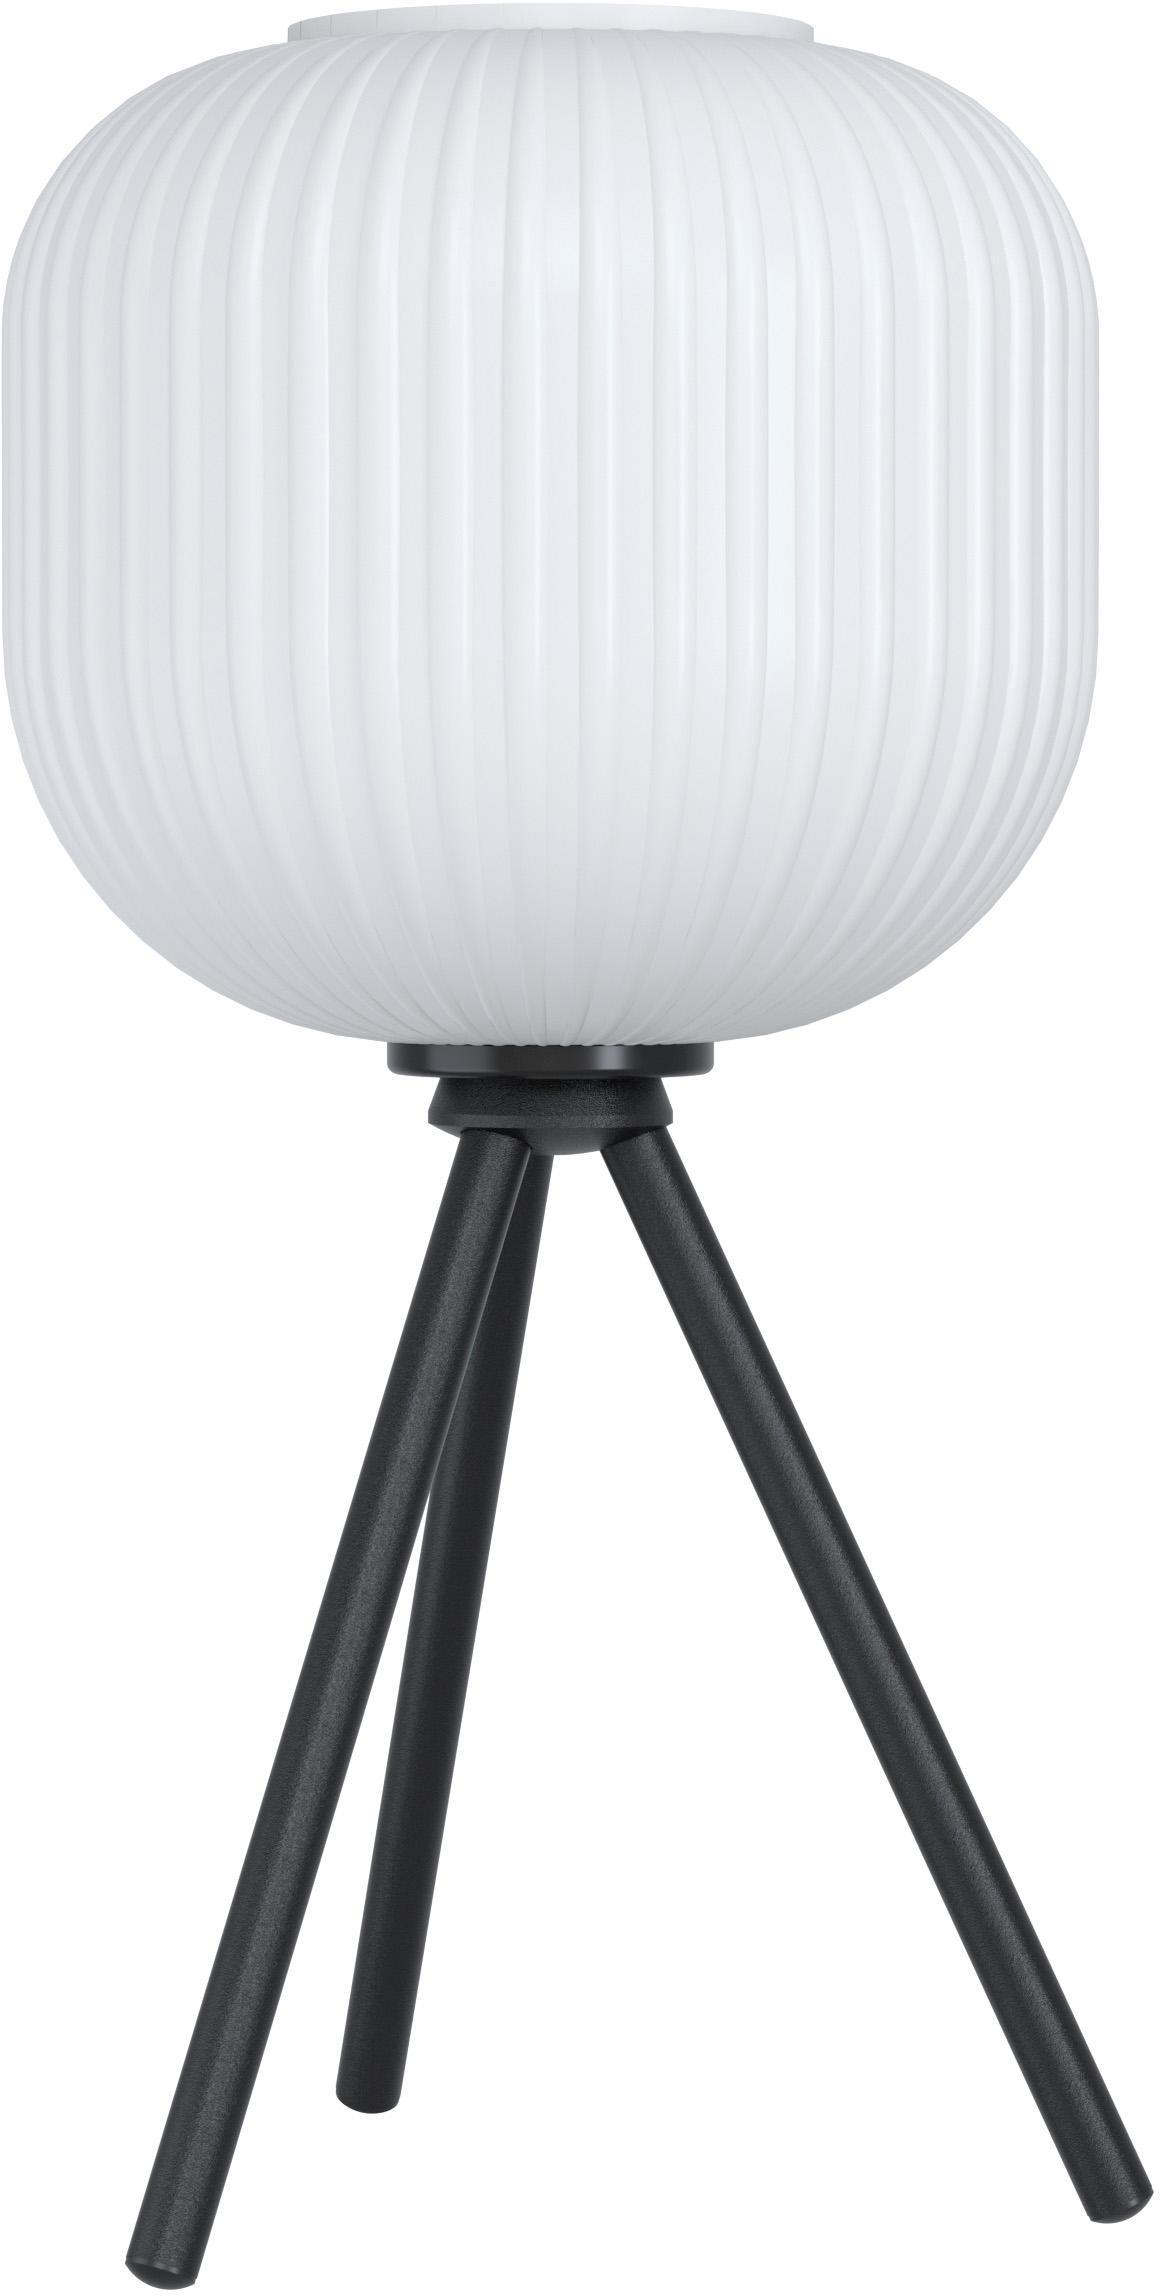 Tripod Tischlampe Mantunalle aus Opalglas, Lampenschirm: Opalglas, Lampenfuß: Metall, lackiert, Weiß, Schwarz, Ø 20 x H 40 cm